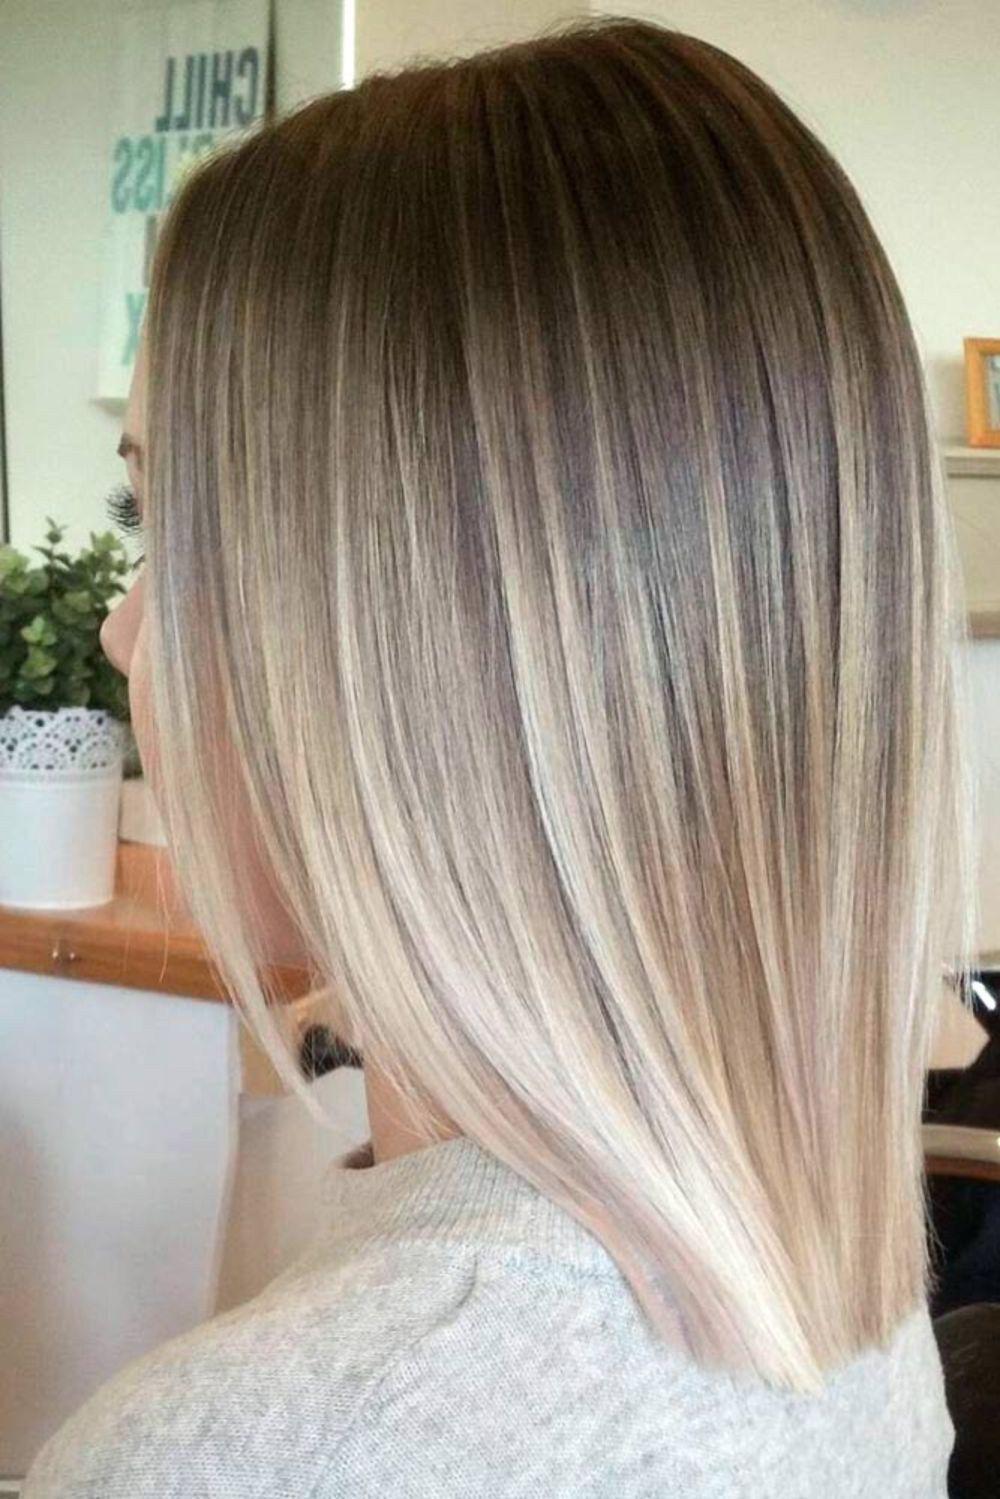 pretty blonde hair color ideas (18) - fashionetter | braid hair in